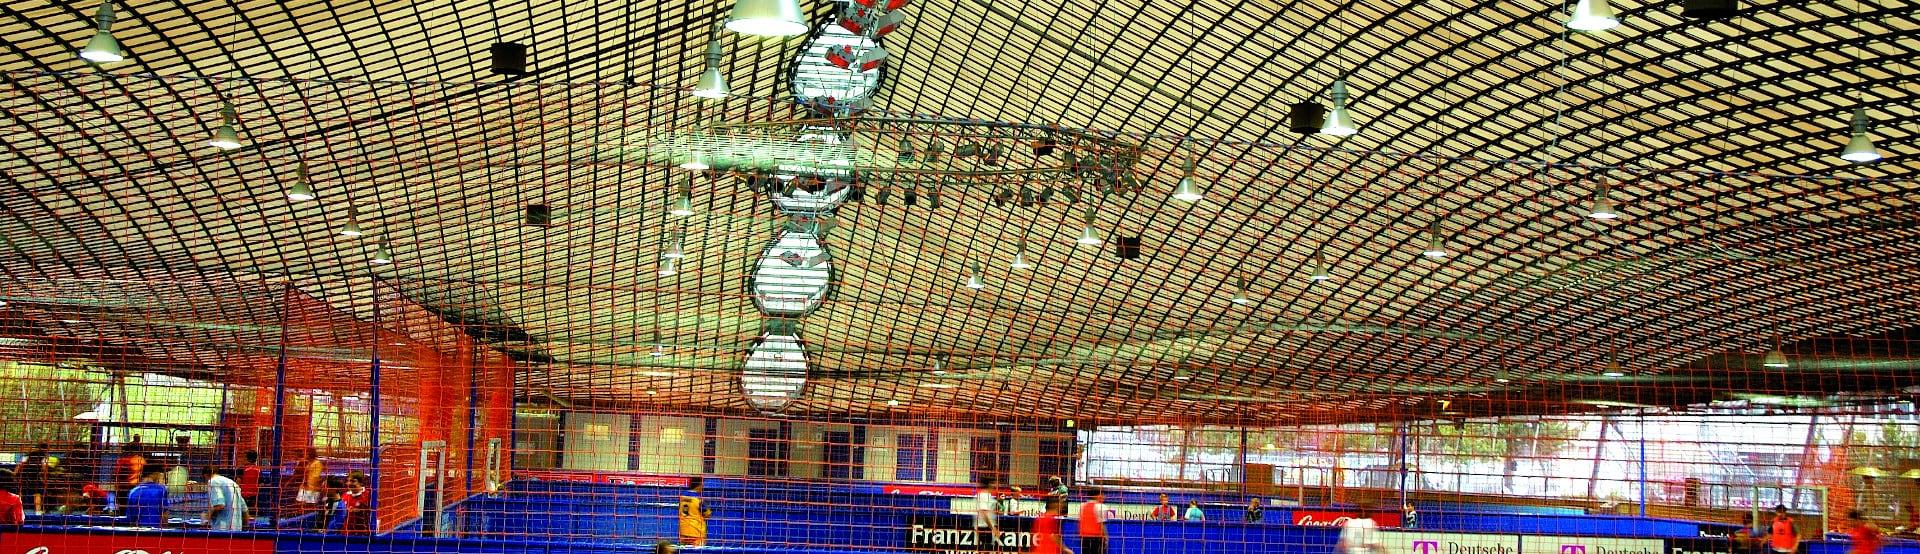 schwank_anwendungen_sportstaetten